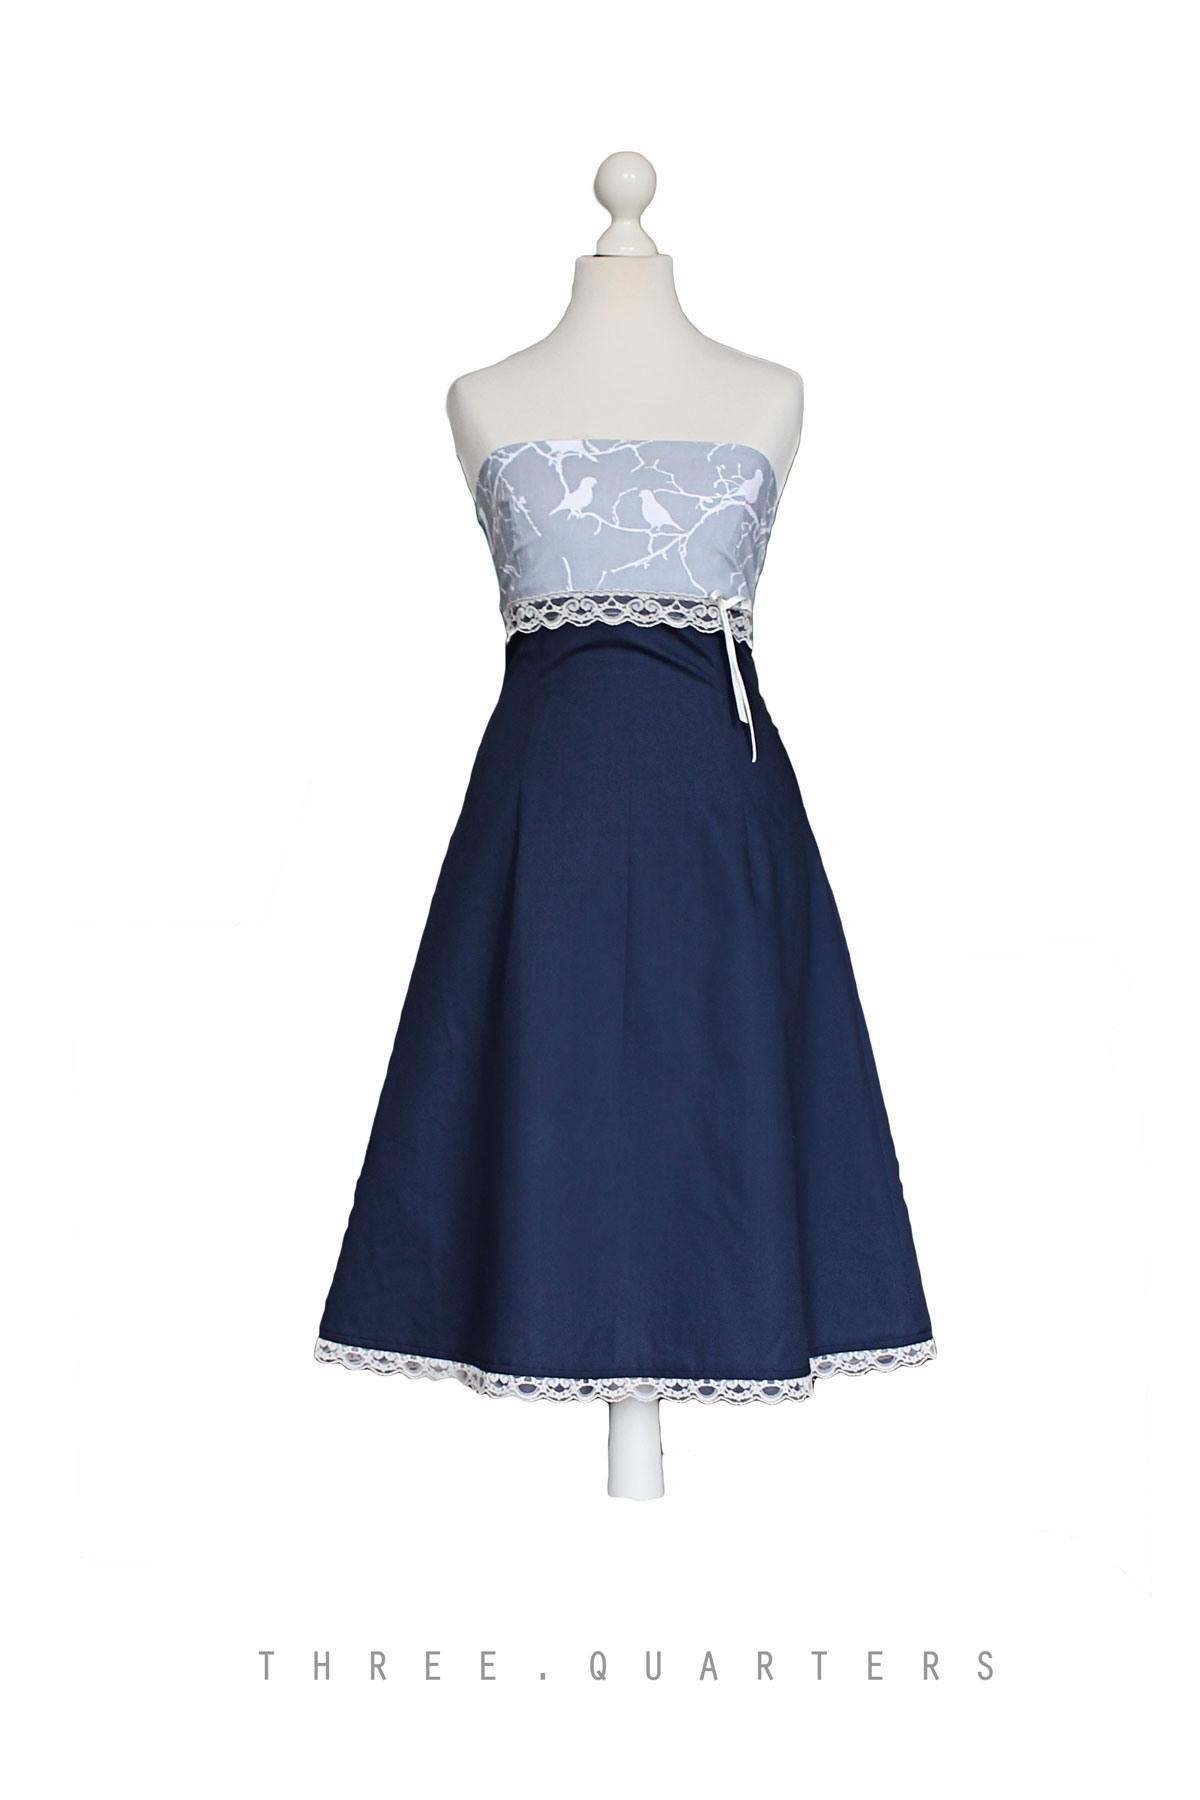 Three-Quarters - Kleid, Dunkelblau, Hochzeit, Braut